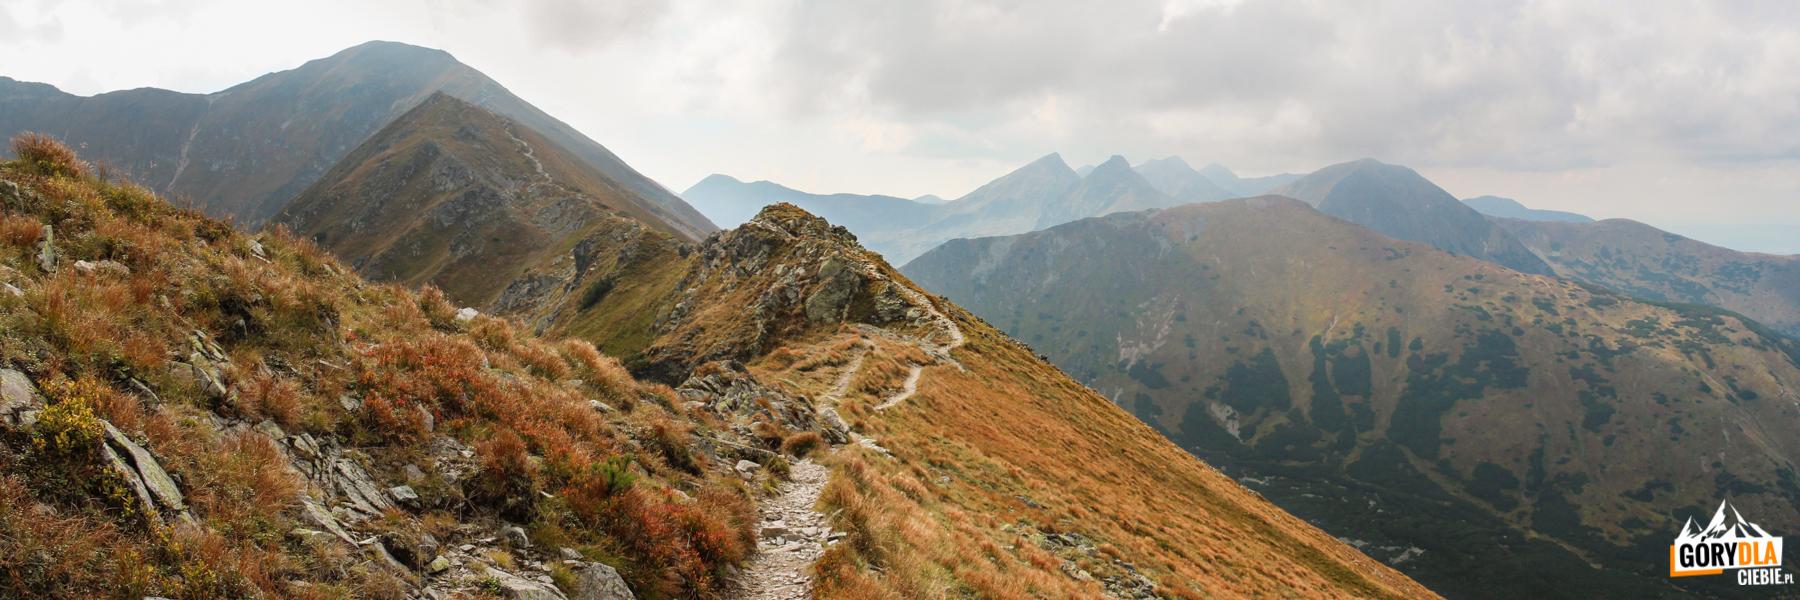 Widok z grani pod Kończystym Wierchem (2003 m) w kierunku Jarząbczego Wierchu (2137), dalej widoczne Rohacze – Płaczliwy (2125 m) i Ostry (2088 m), Wołowiec (2064 m) i Łopata (1958 m)